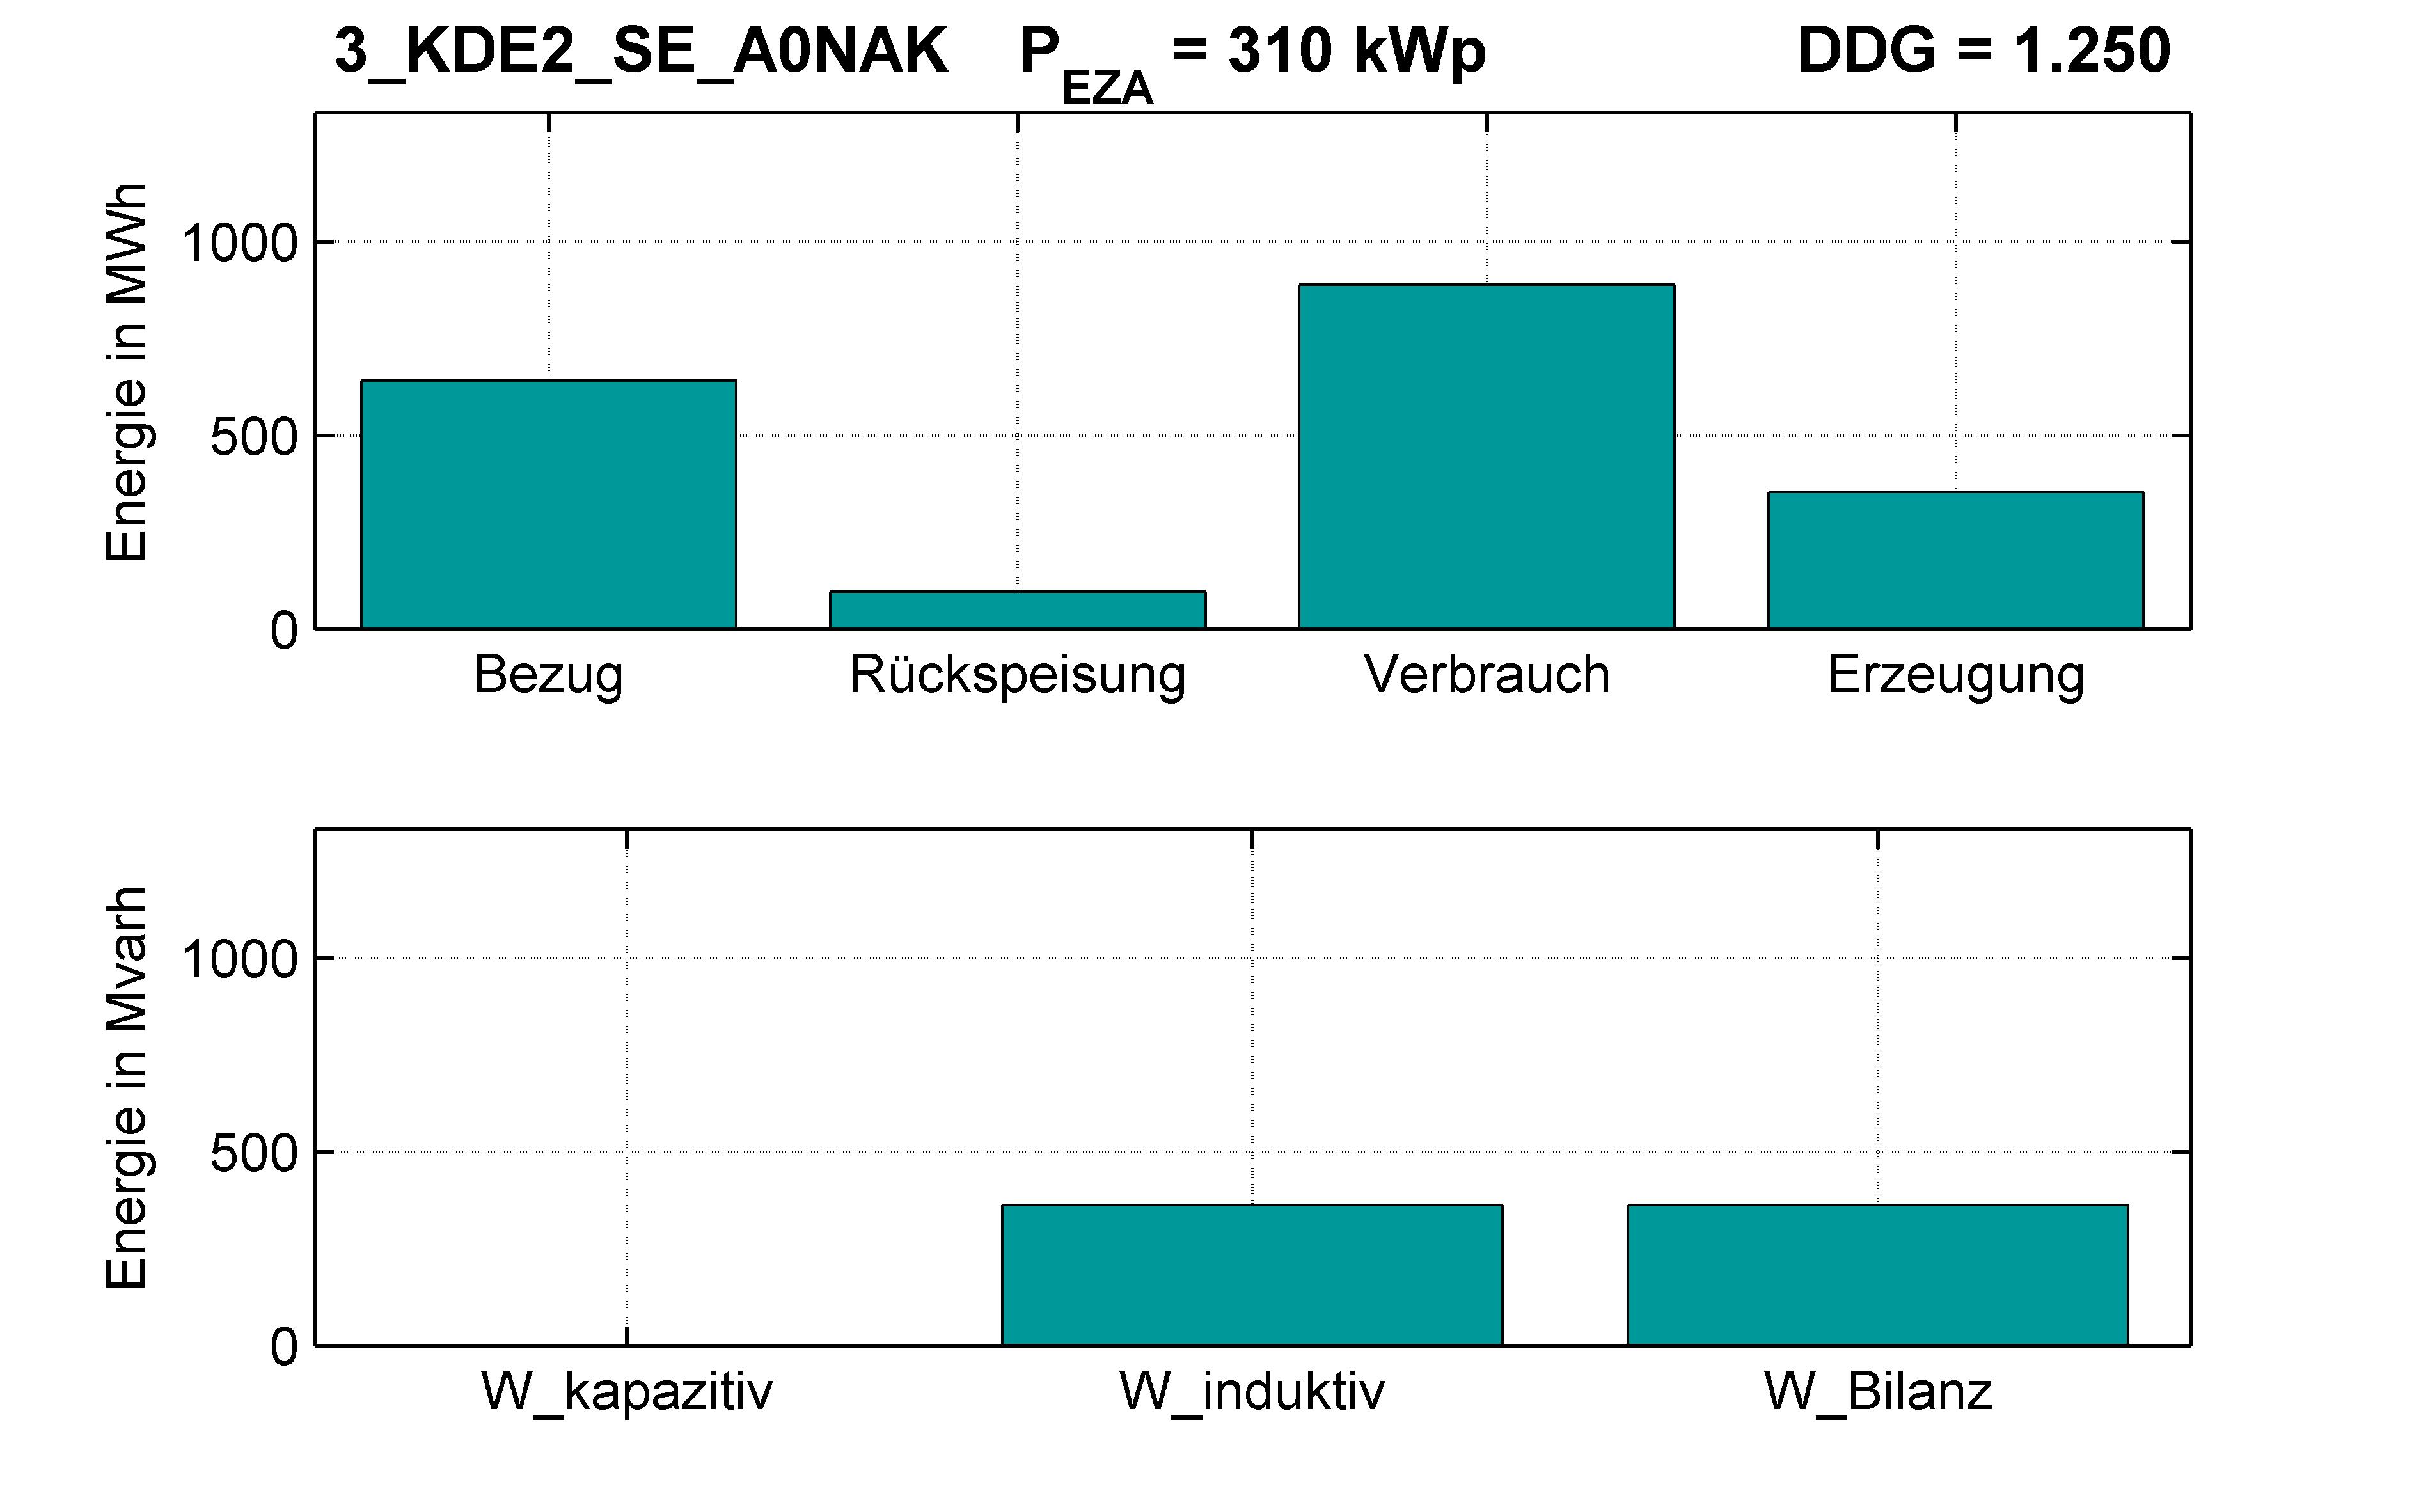 KDE2 | P-Kappung 70% (SE) A0NAK | PQ-Bilanz